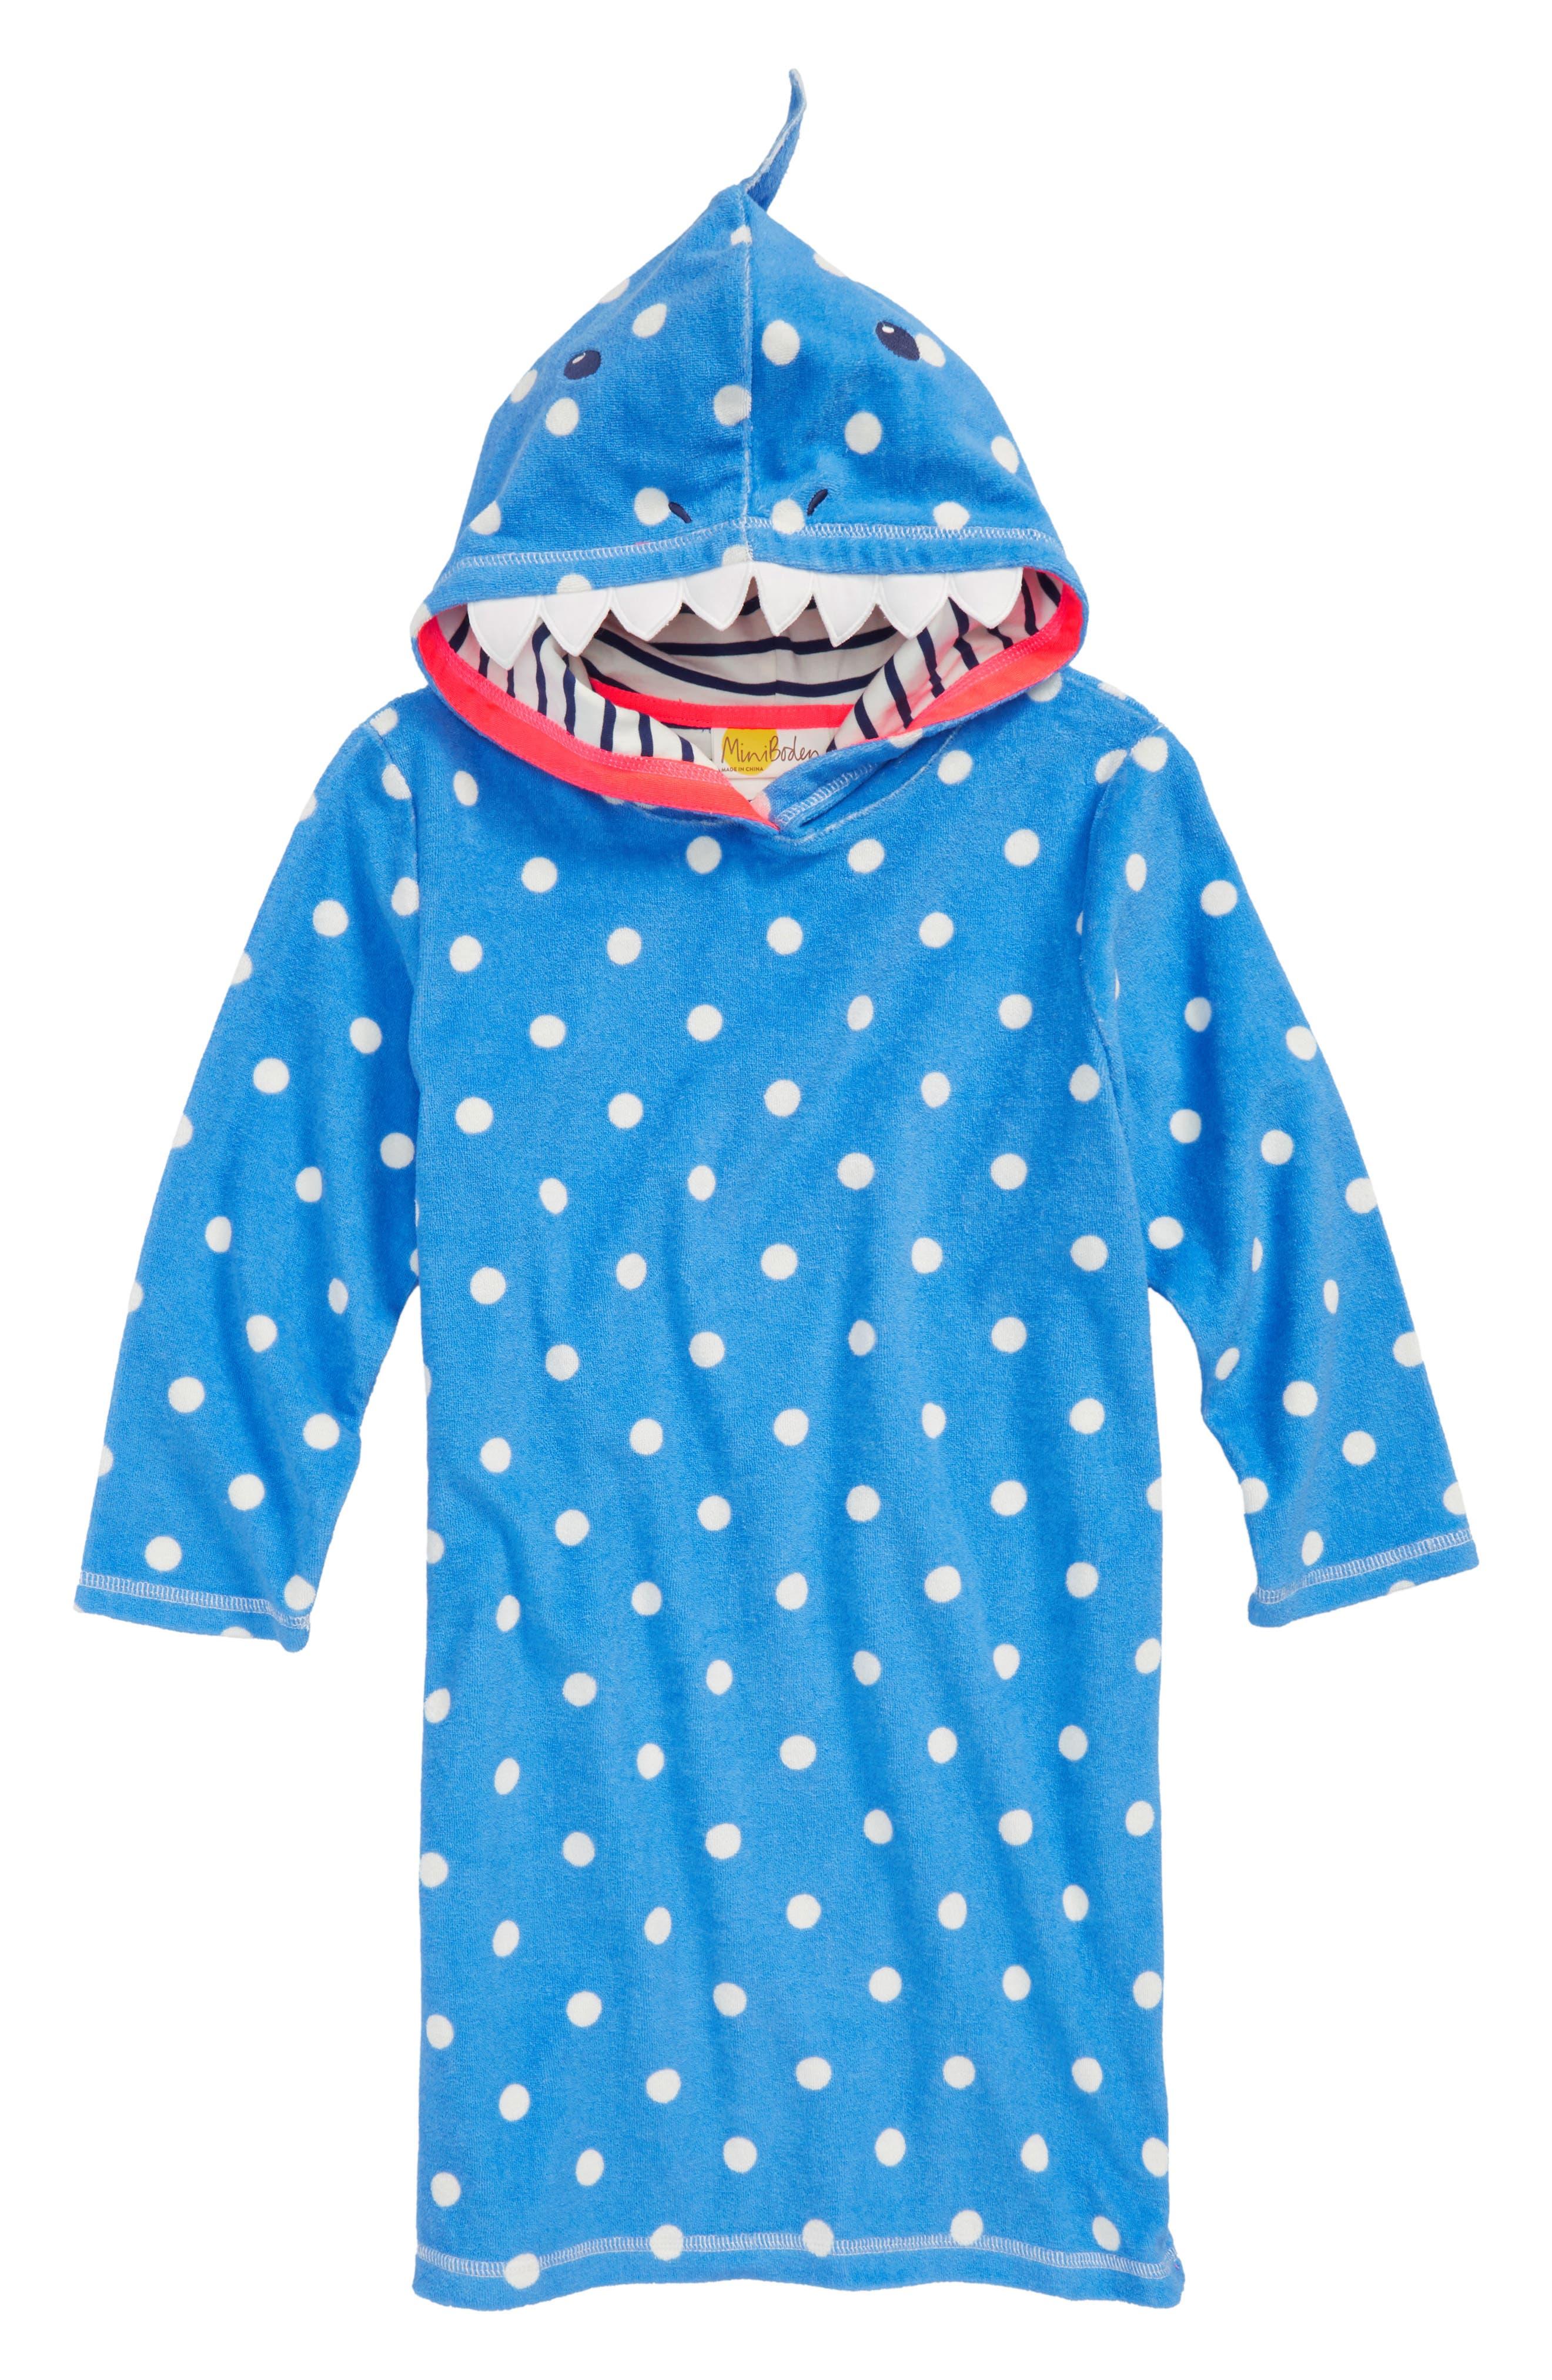 Toweling Appliqué Beach Dress,                         Main,                         color, 424